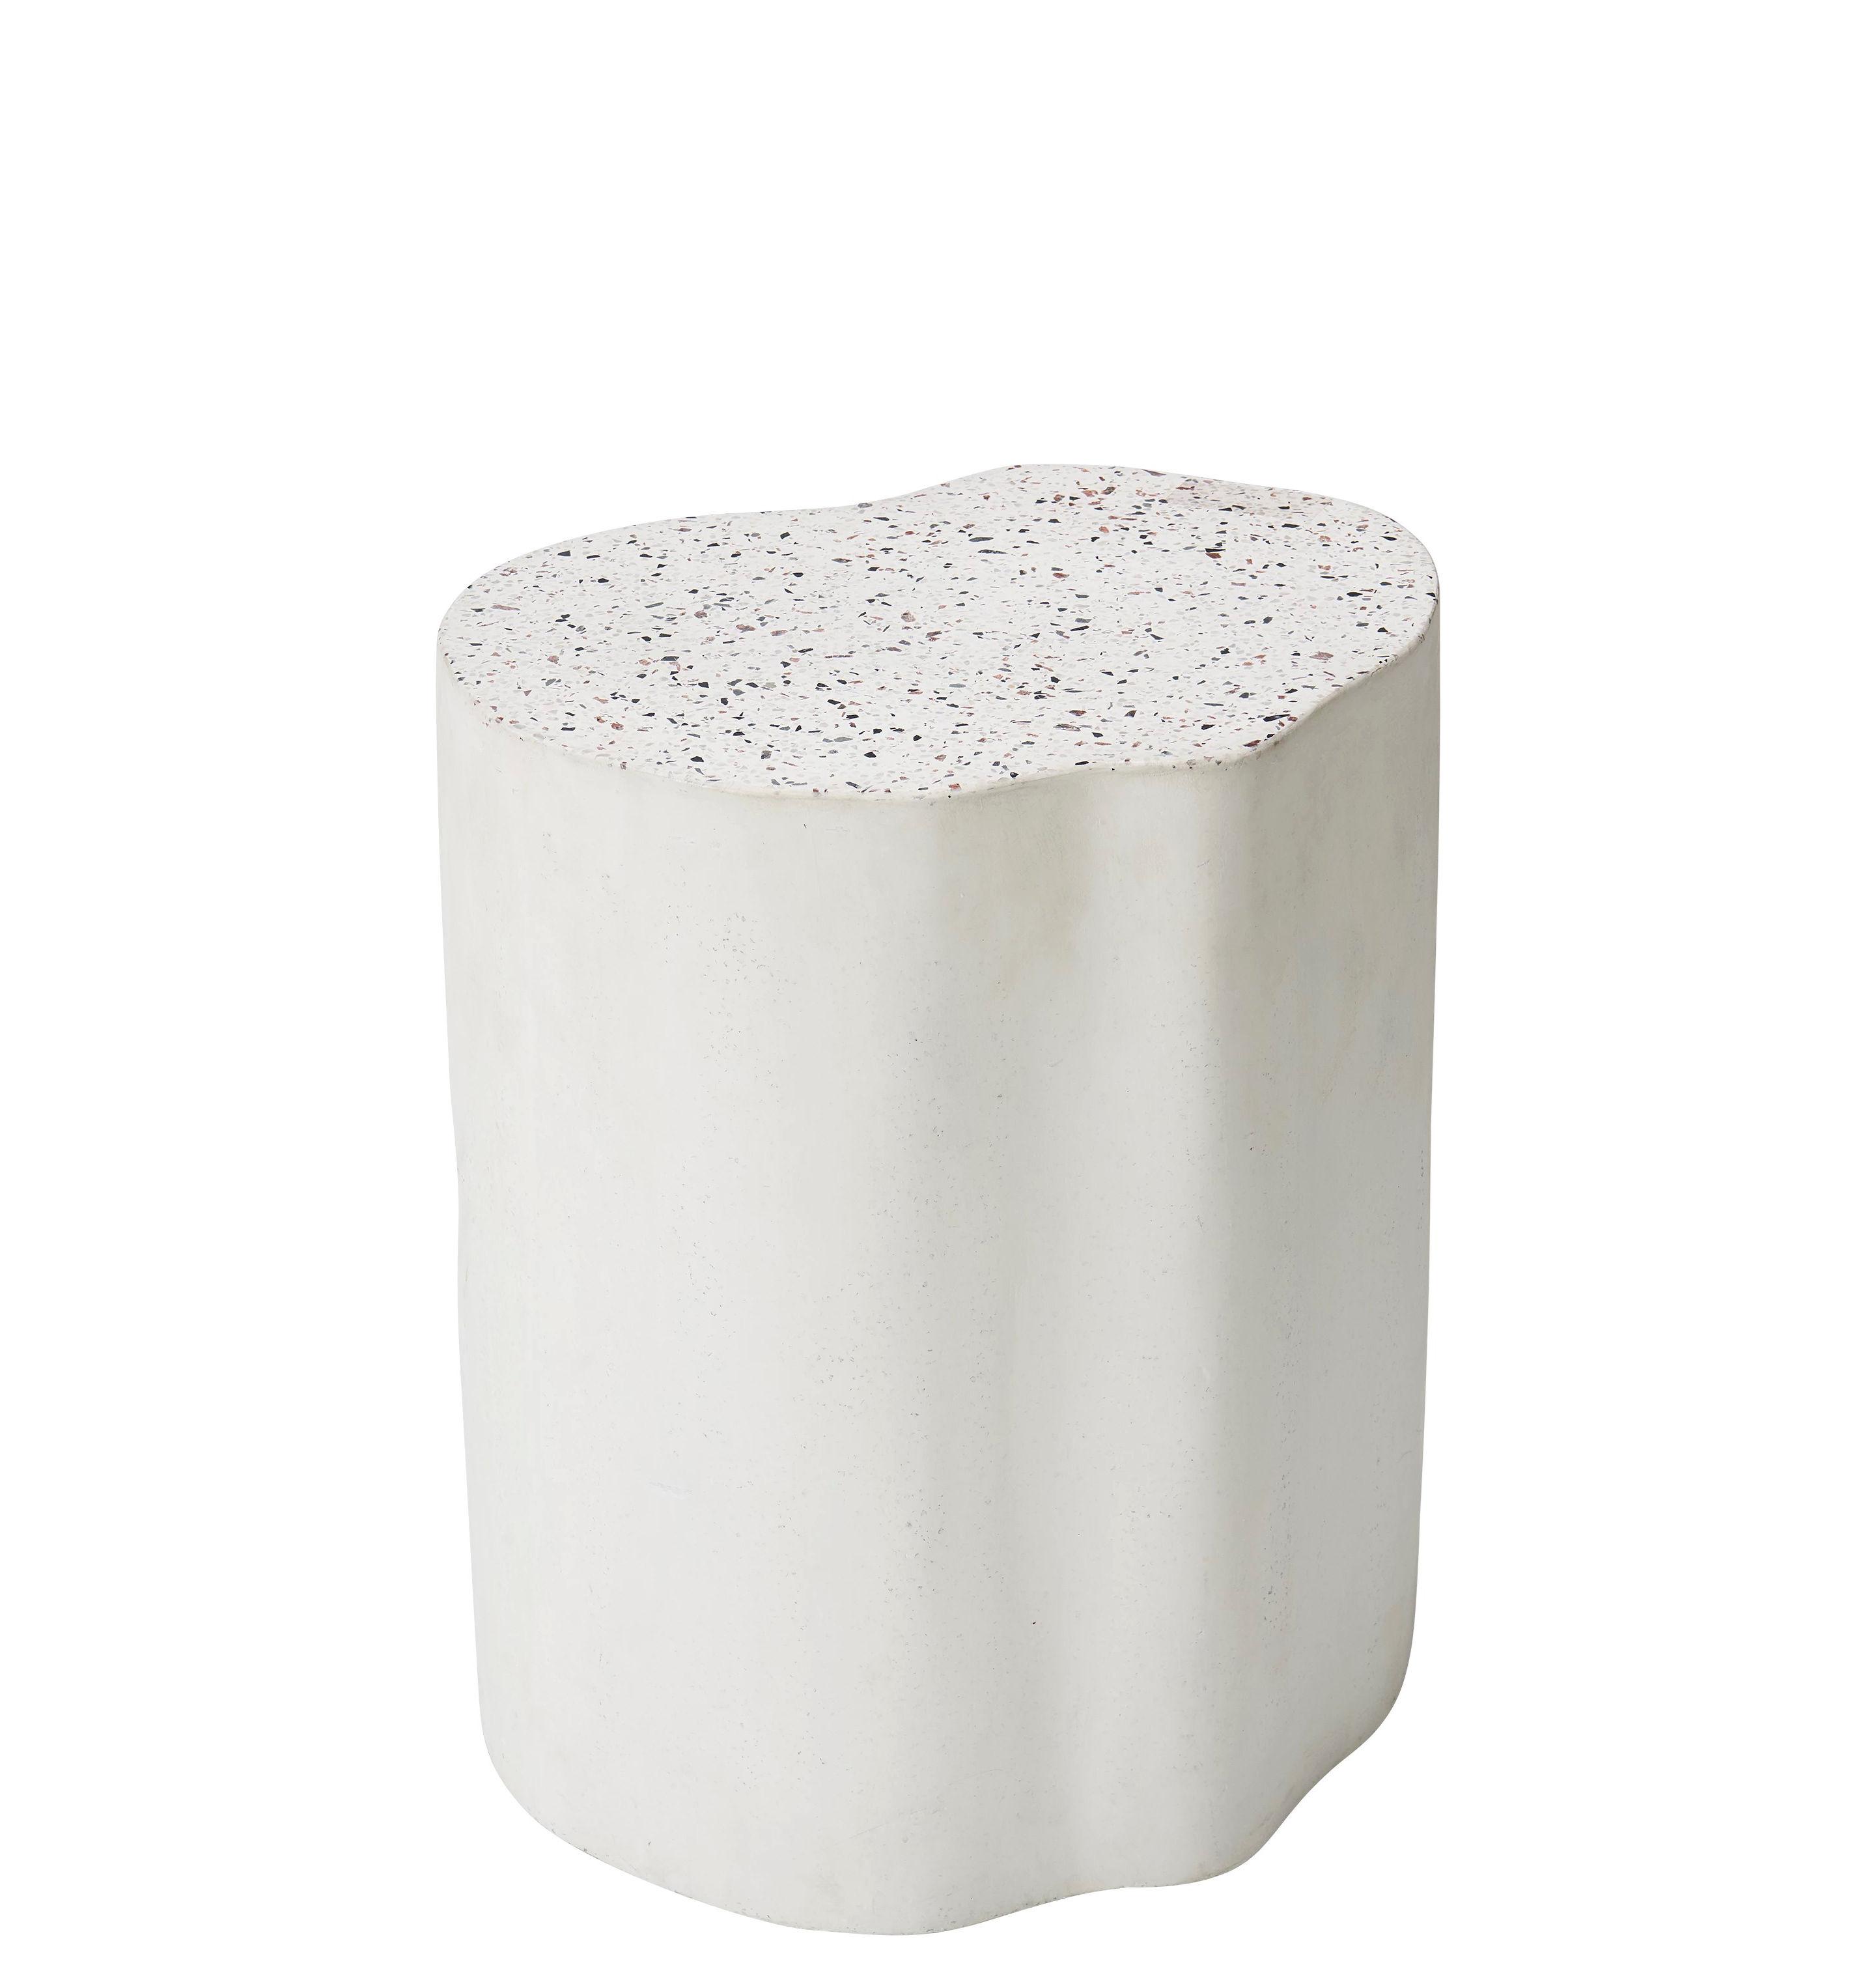 Mobilier - Tables basses - Table d'appoint Heartbreaker / Ø 39 cm - Terrazzo - Bolia - Blanc / Terrazzo - Terrazzo